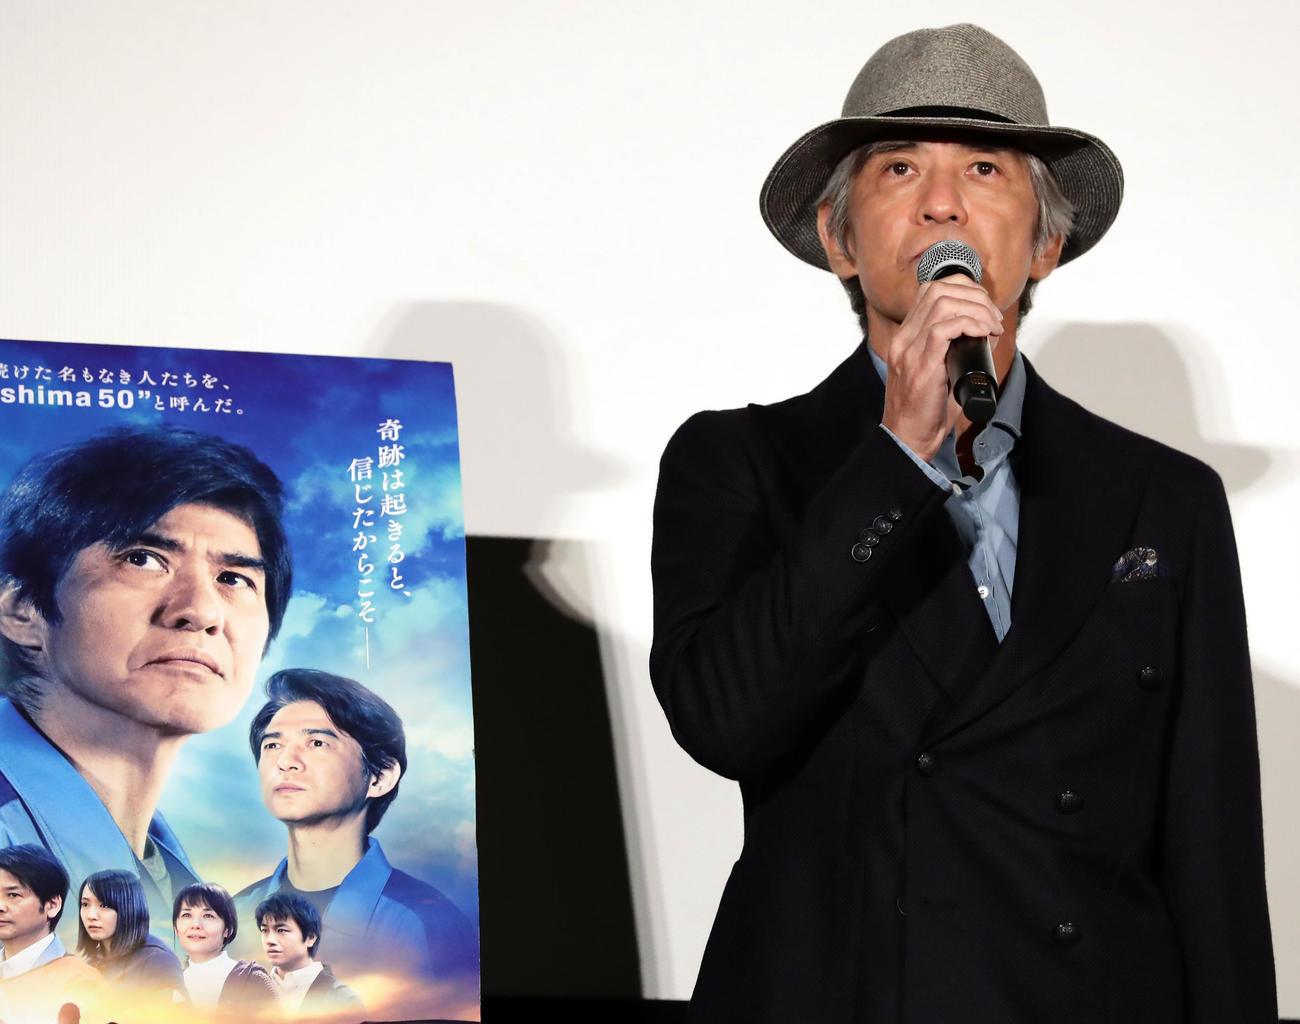 映画「Fukushima50」のカムバック上映舞台あいさつで、思いを語る佐藤浩市(撮影・浅見桂子)